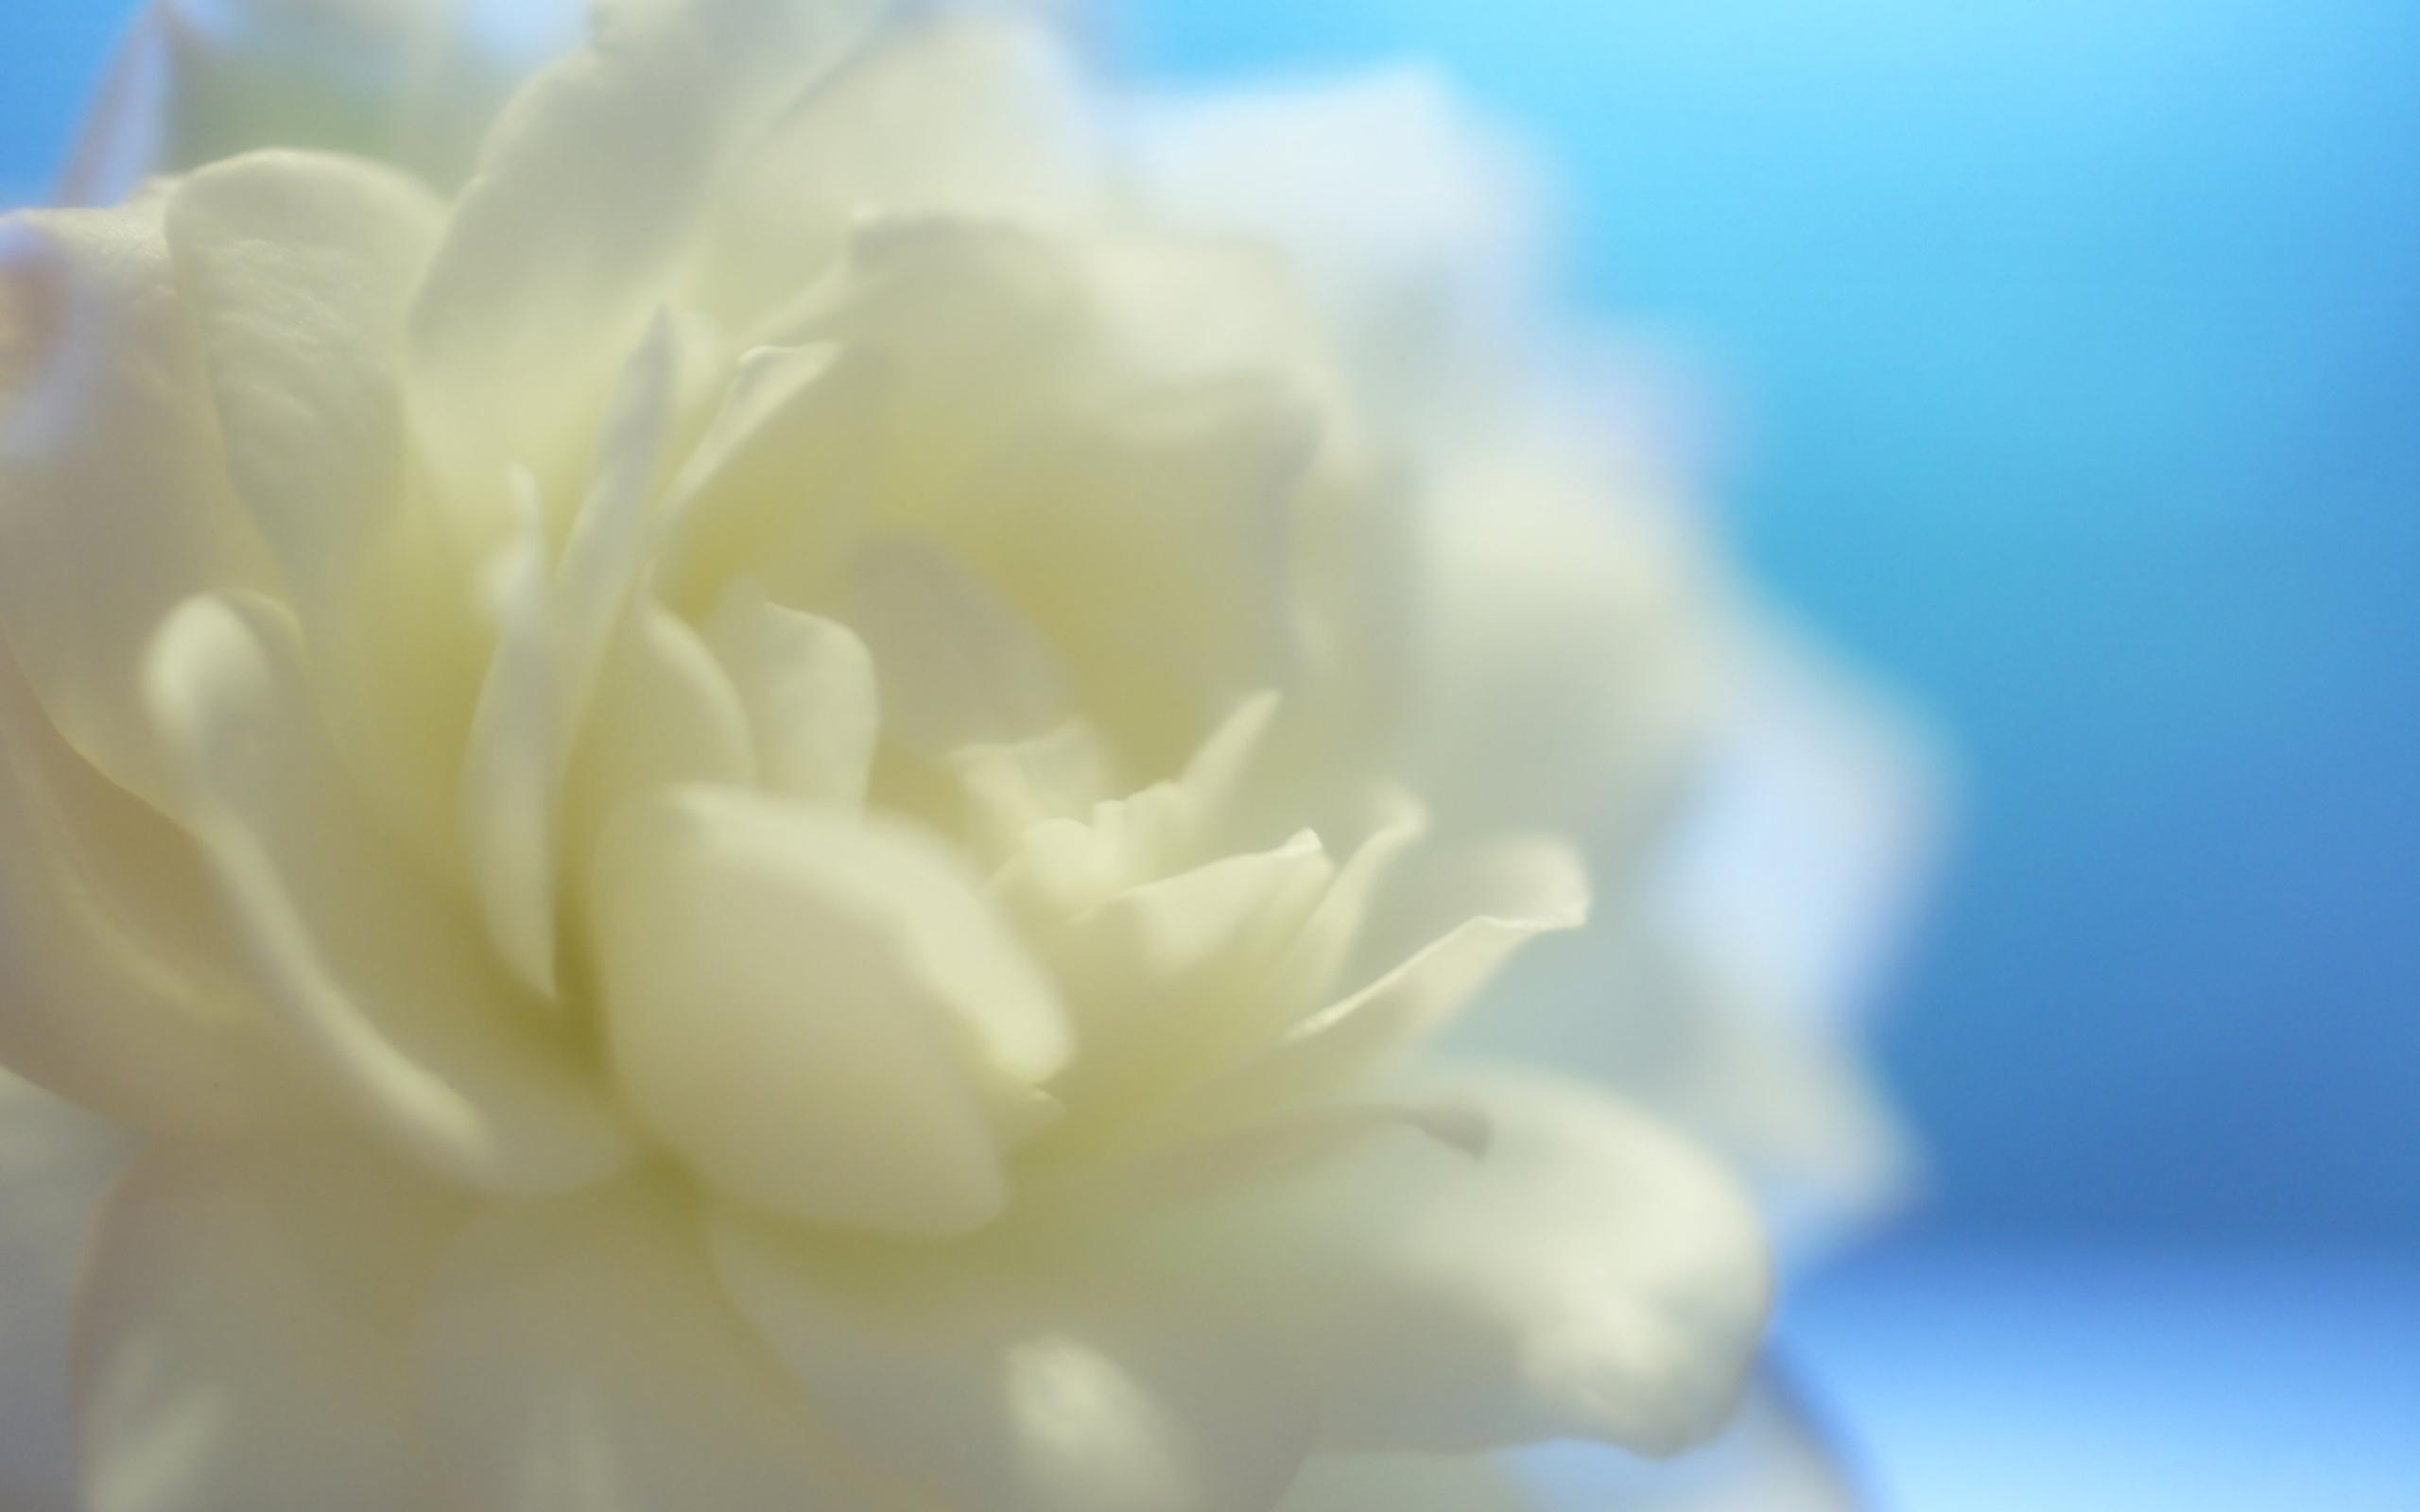 белый цветочек бесплатно